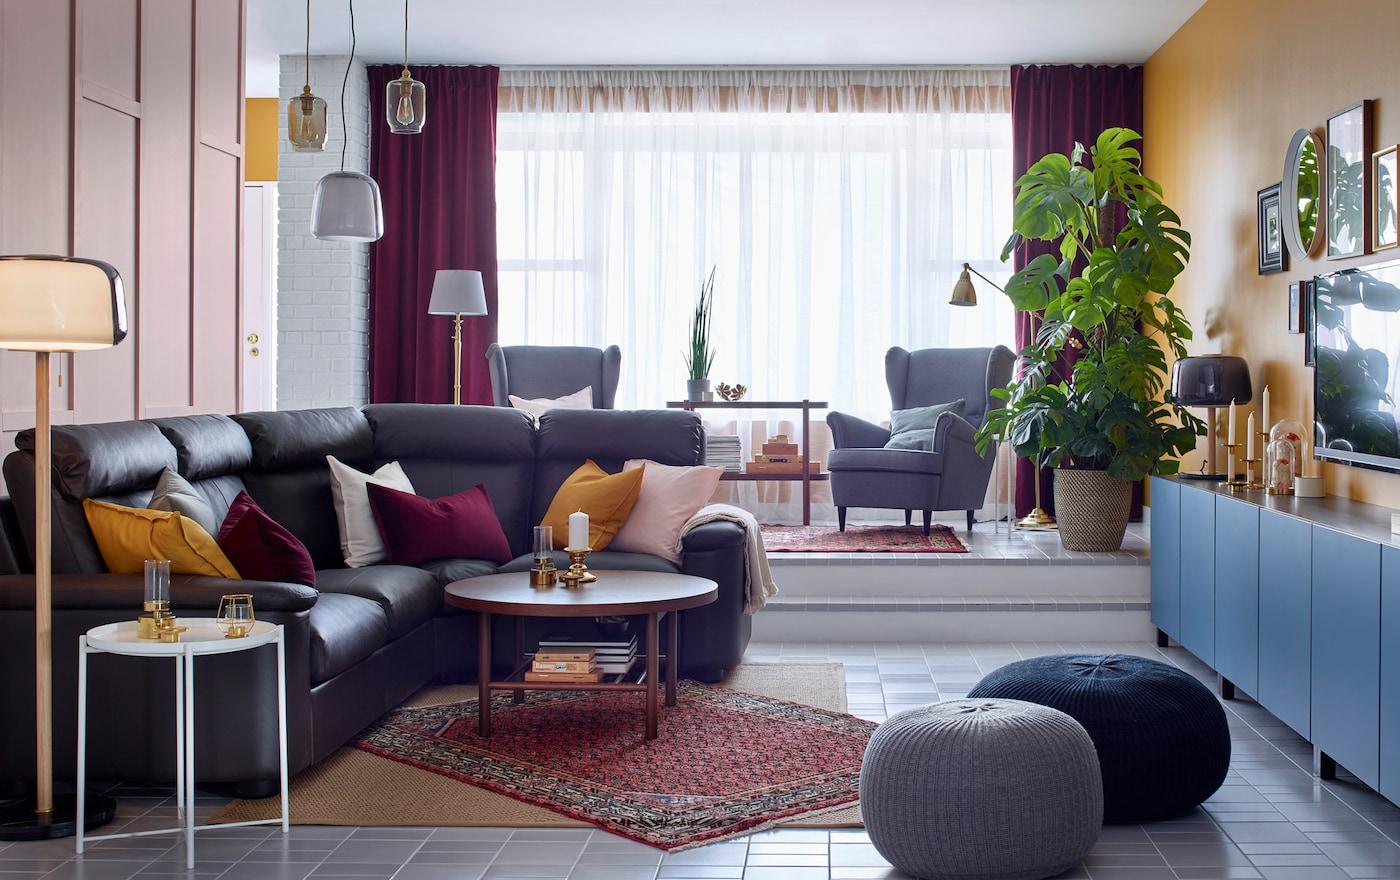 IKEA LIDHULT tummanruskea nahkasohva on neljän istuttava kulmasohva, joka sopii niin perinteiseen kuin moderniinkin olohuoneeseen. Tämä perhe yhdisti sen itämaiseen mattoon.